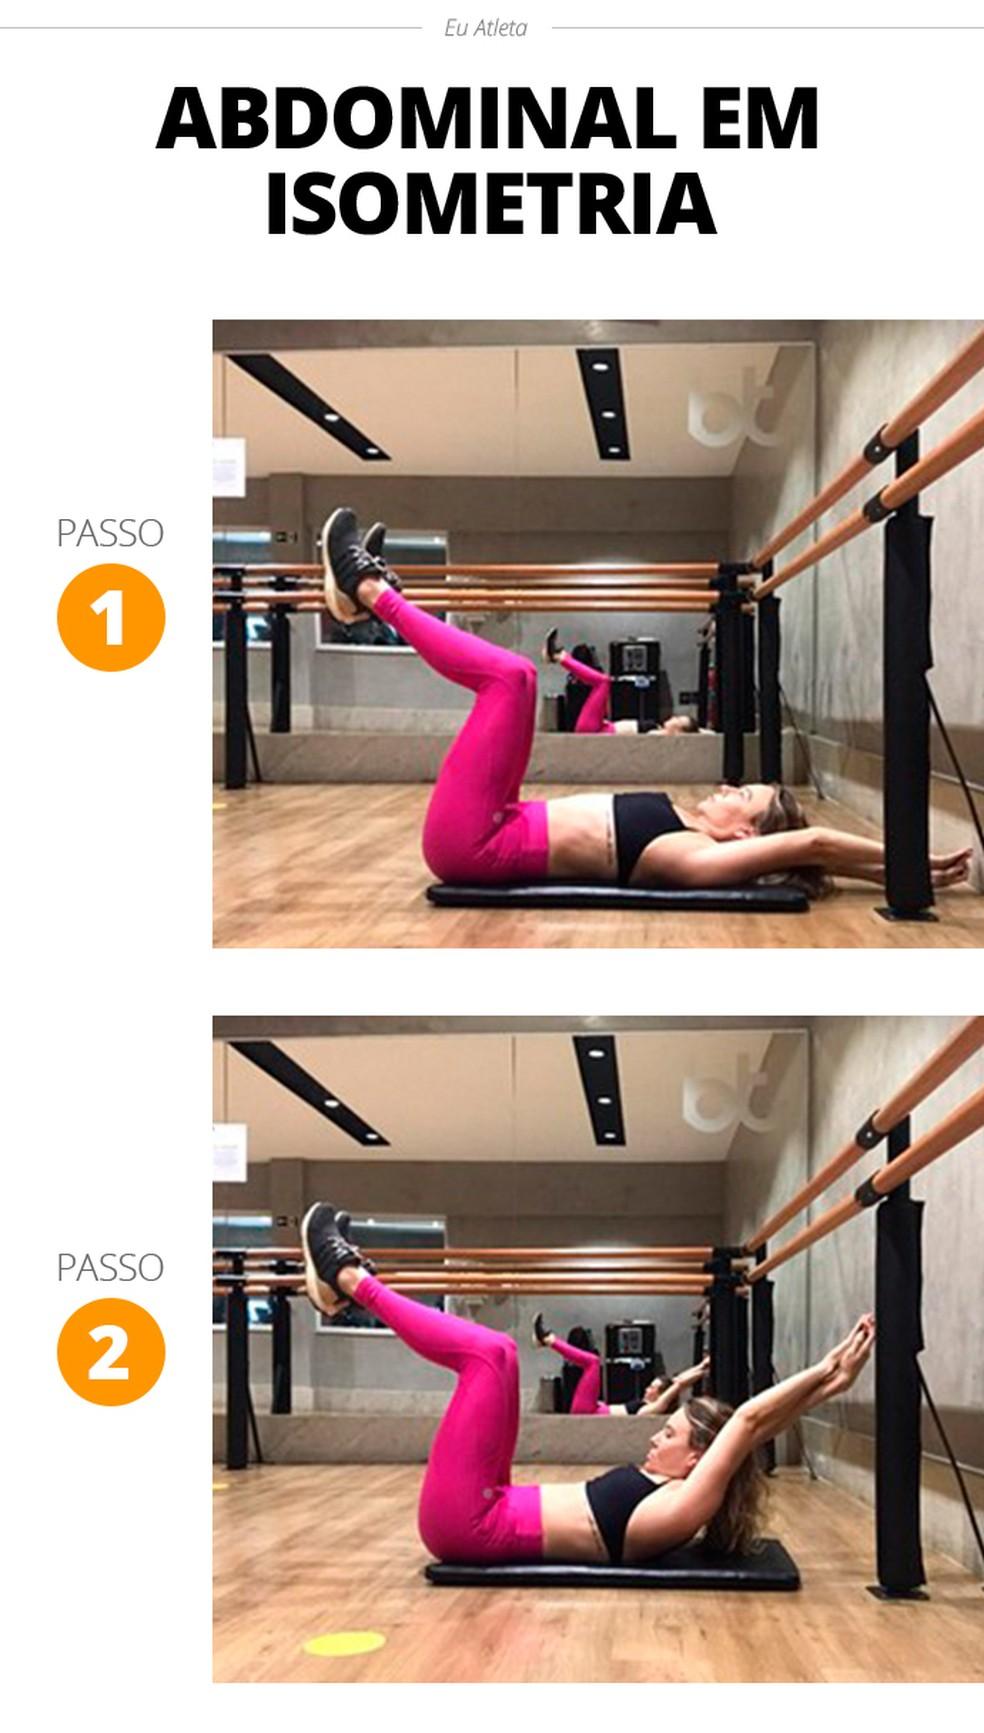 Abdominal em isometria é um excelente exercício para fortalecimento — Foto: Divulgação/Stephanie Iara Personal Trainer e Consultoria